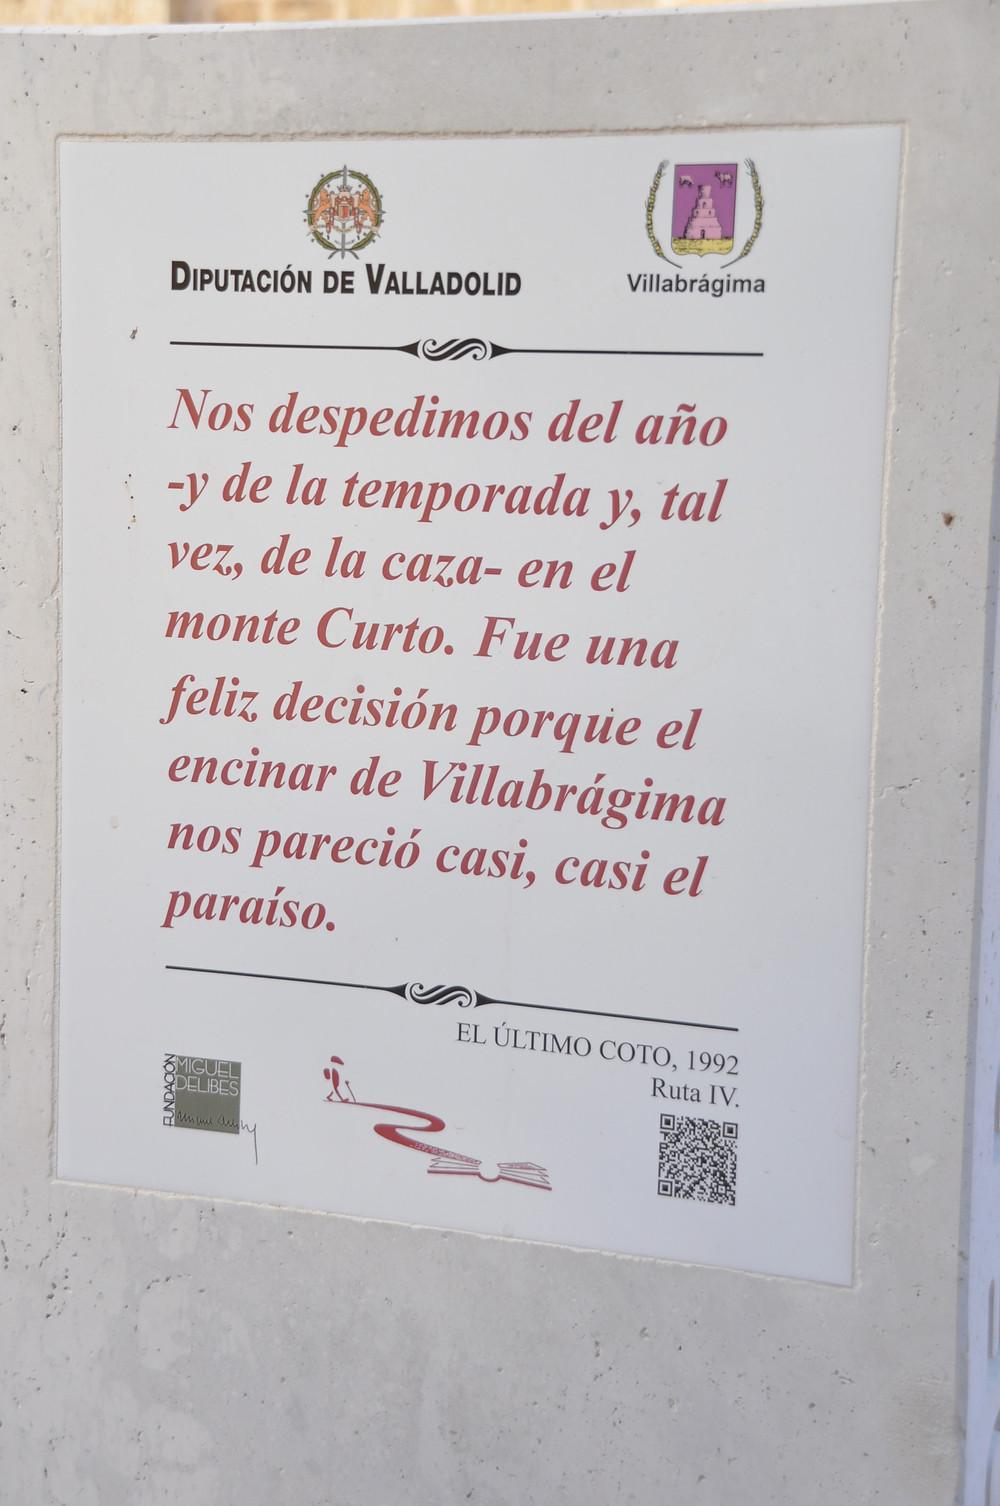 Texto de Miguel Delibes en el monolito en Villabrágima